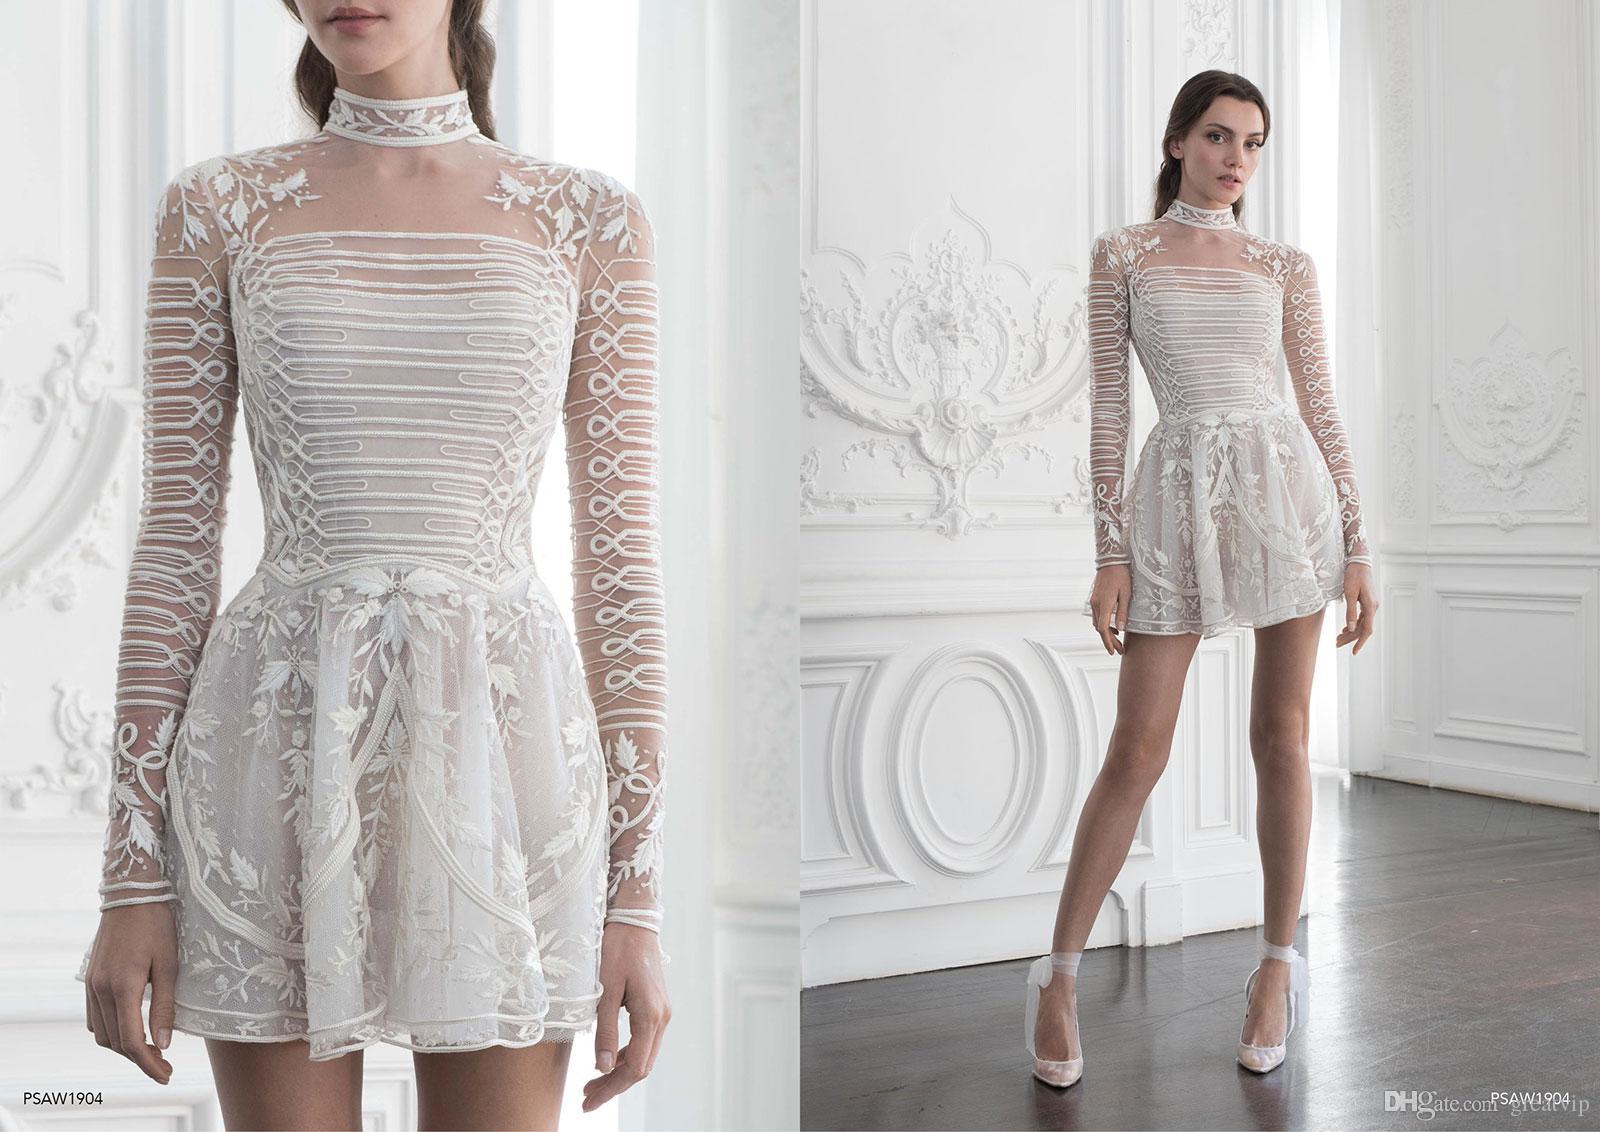 تصميم موديل فستان قصير للسهرة باللون الأبيض